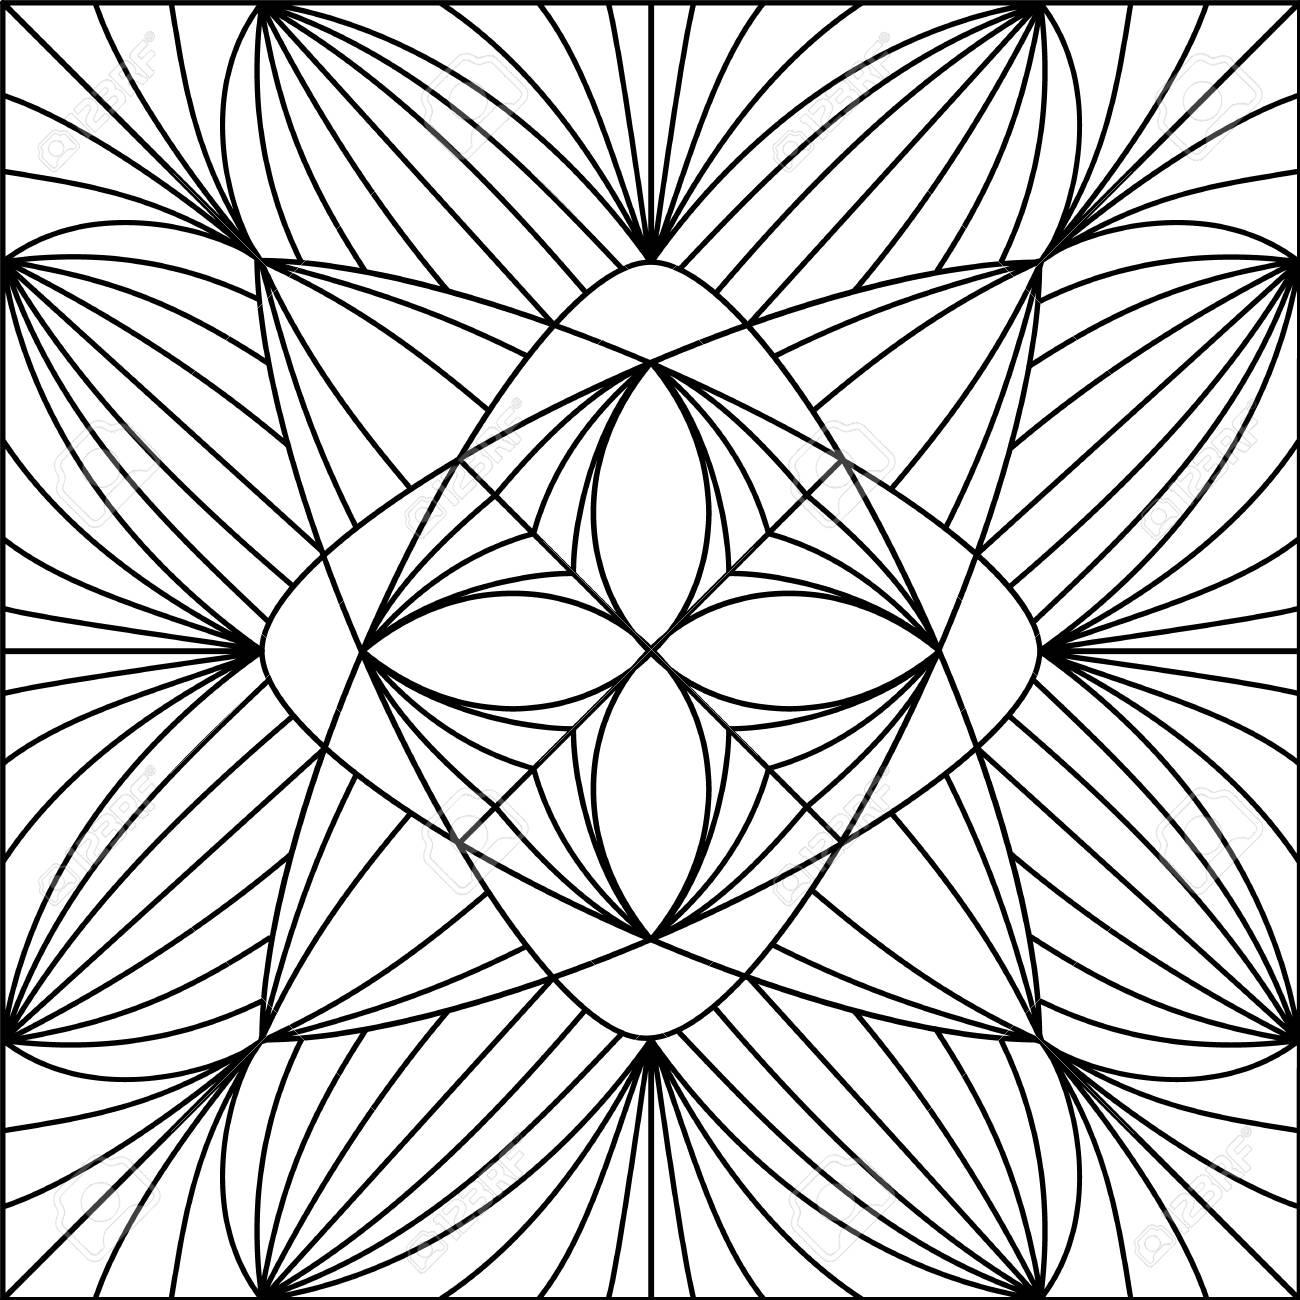 Schwarz Weiß Muster Dieses Muster Kann Für Hintergrund Tapete